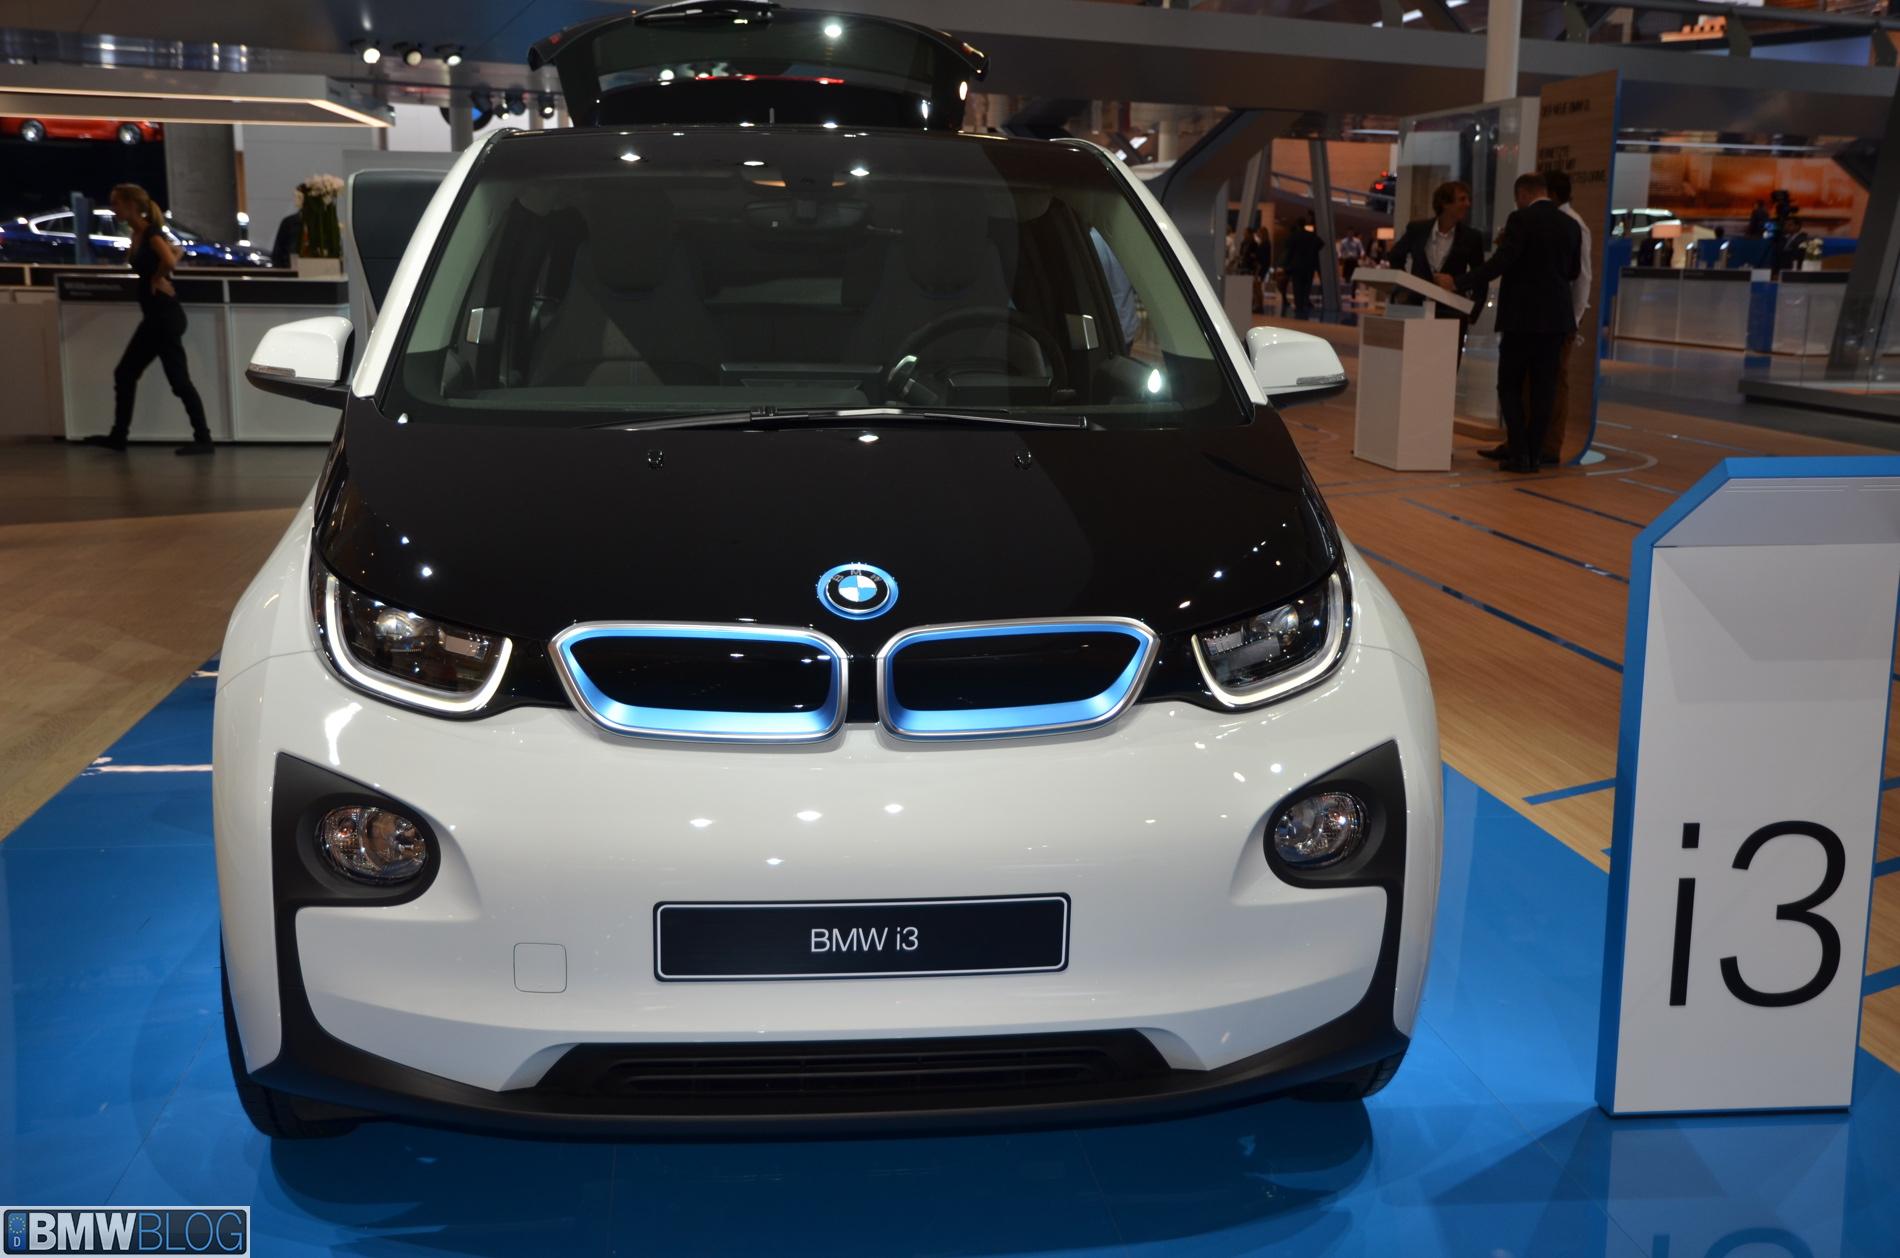 2014 Bmw I3 Frankfurt Auto Show 17